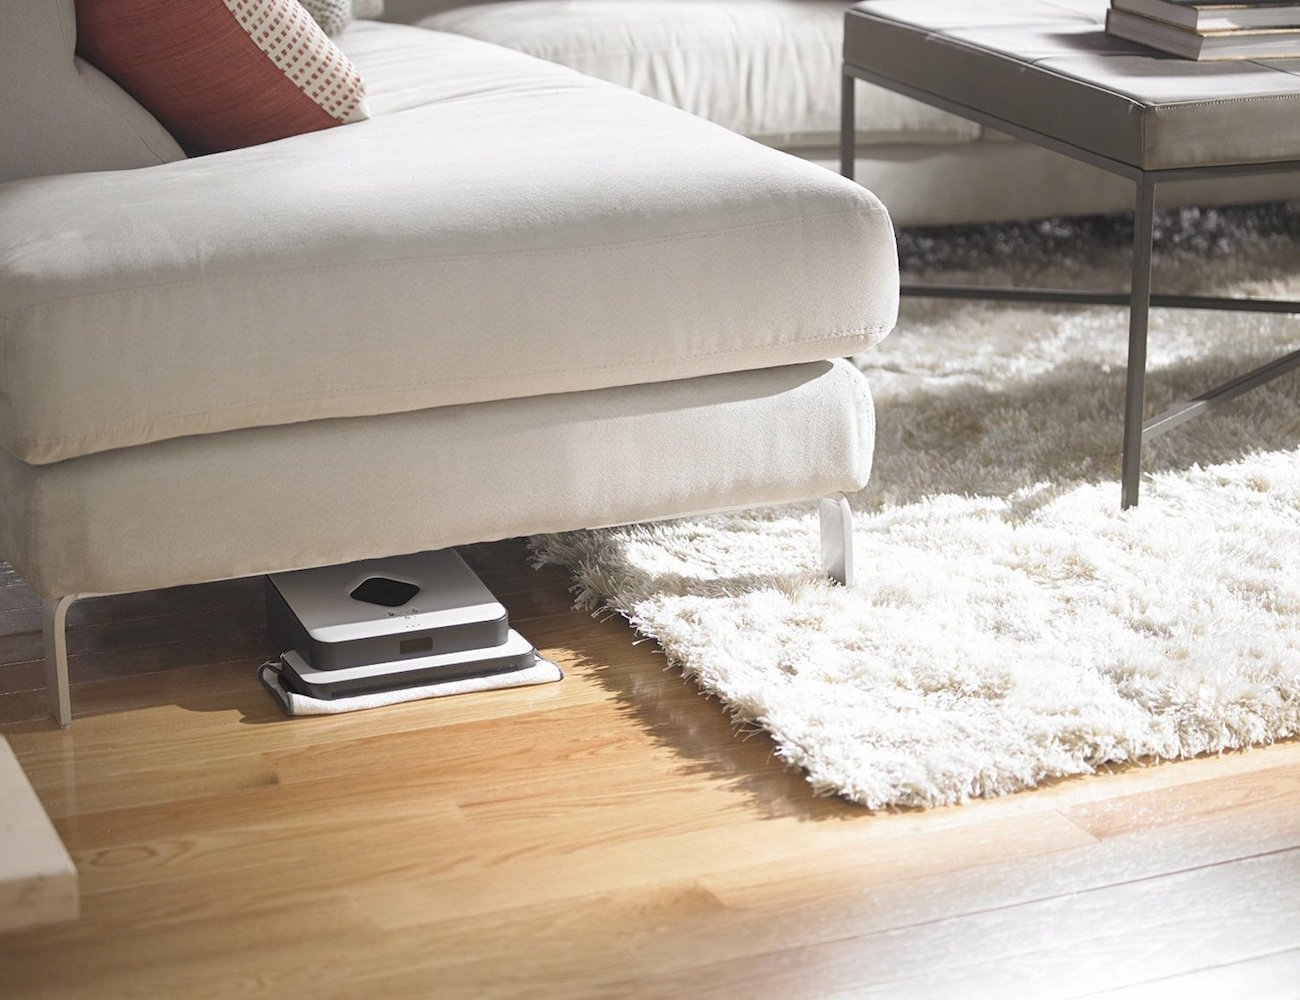 iRobot Braava 320 – Super Efficient Floor Mopping Robot